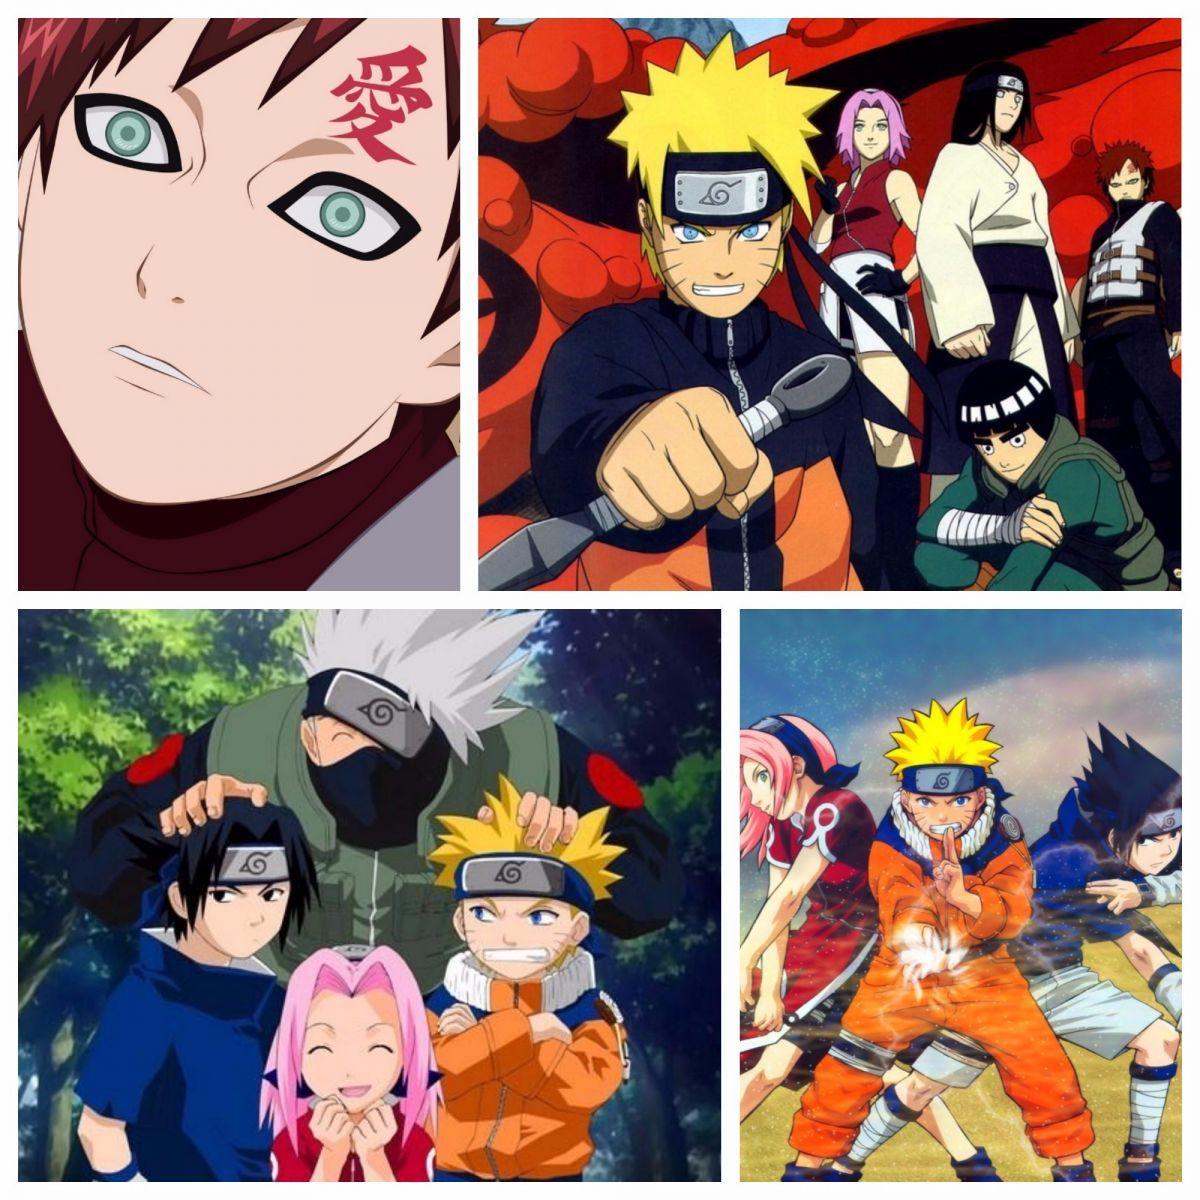 Pin by nancy on Anime Naruto episodes, Naruto episodes